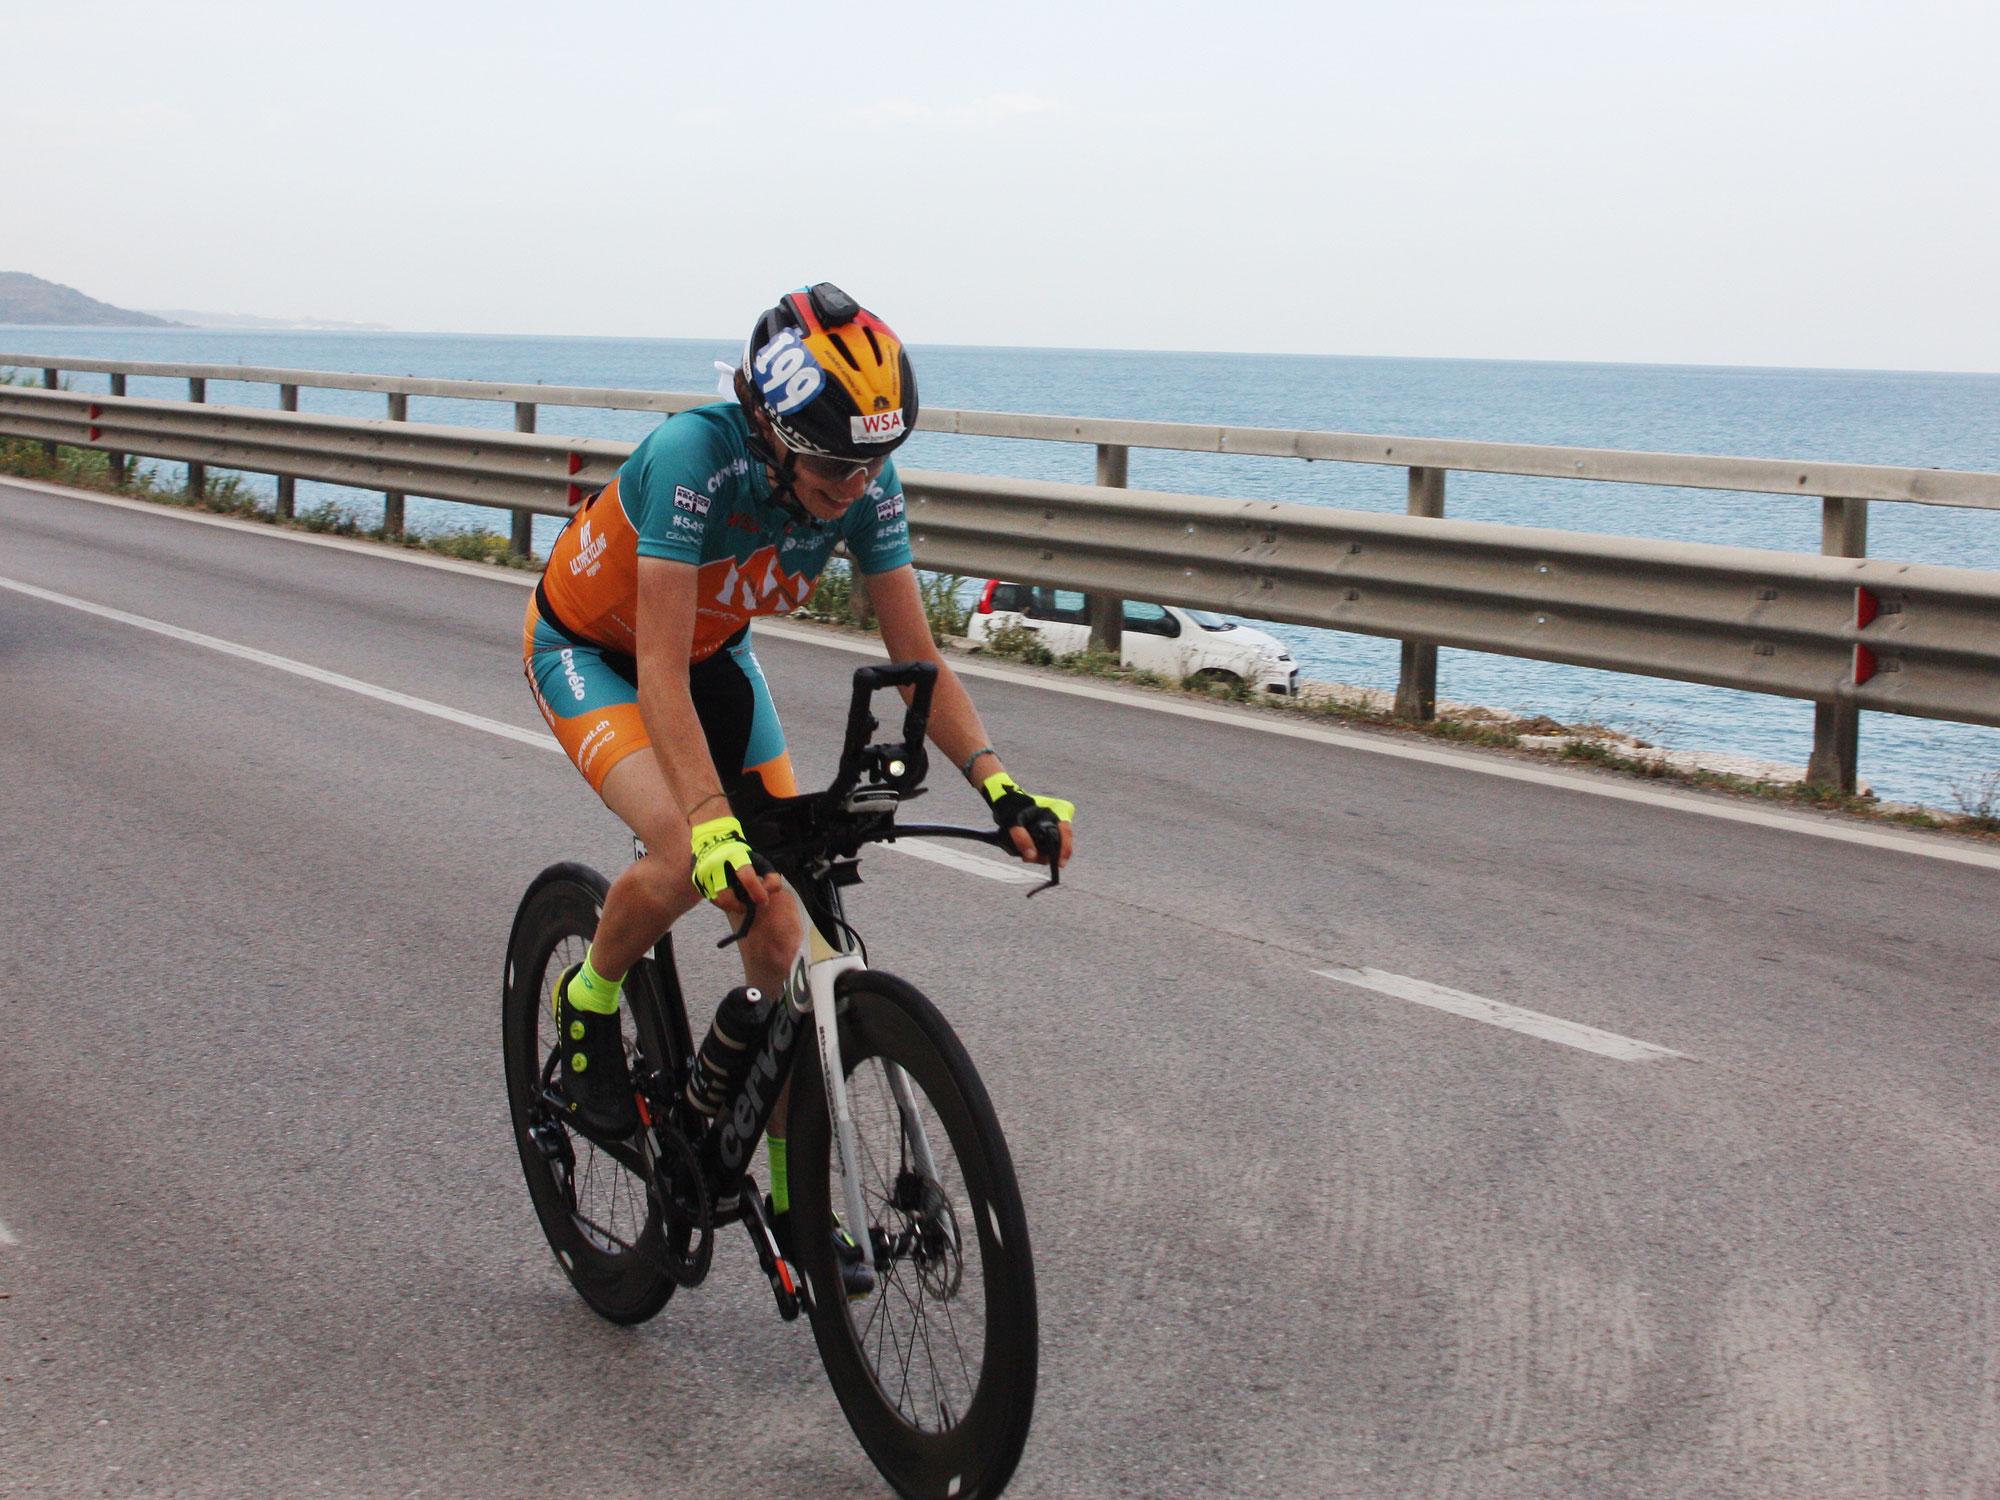 Ultracycling: Seit 10 Saisons ungeschlagen – Nicole Reist gewinnt auch Adriatic Cycling Marathon in Italien